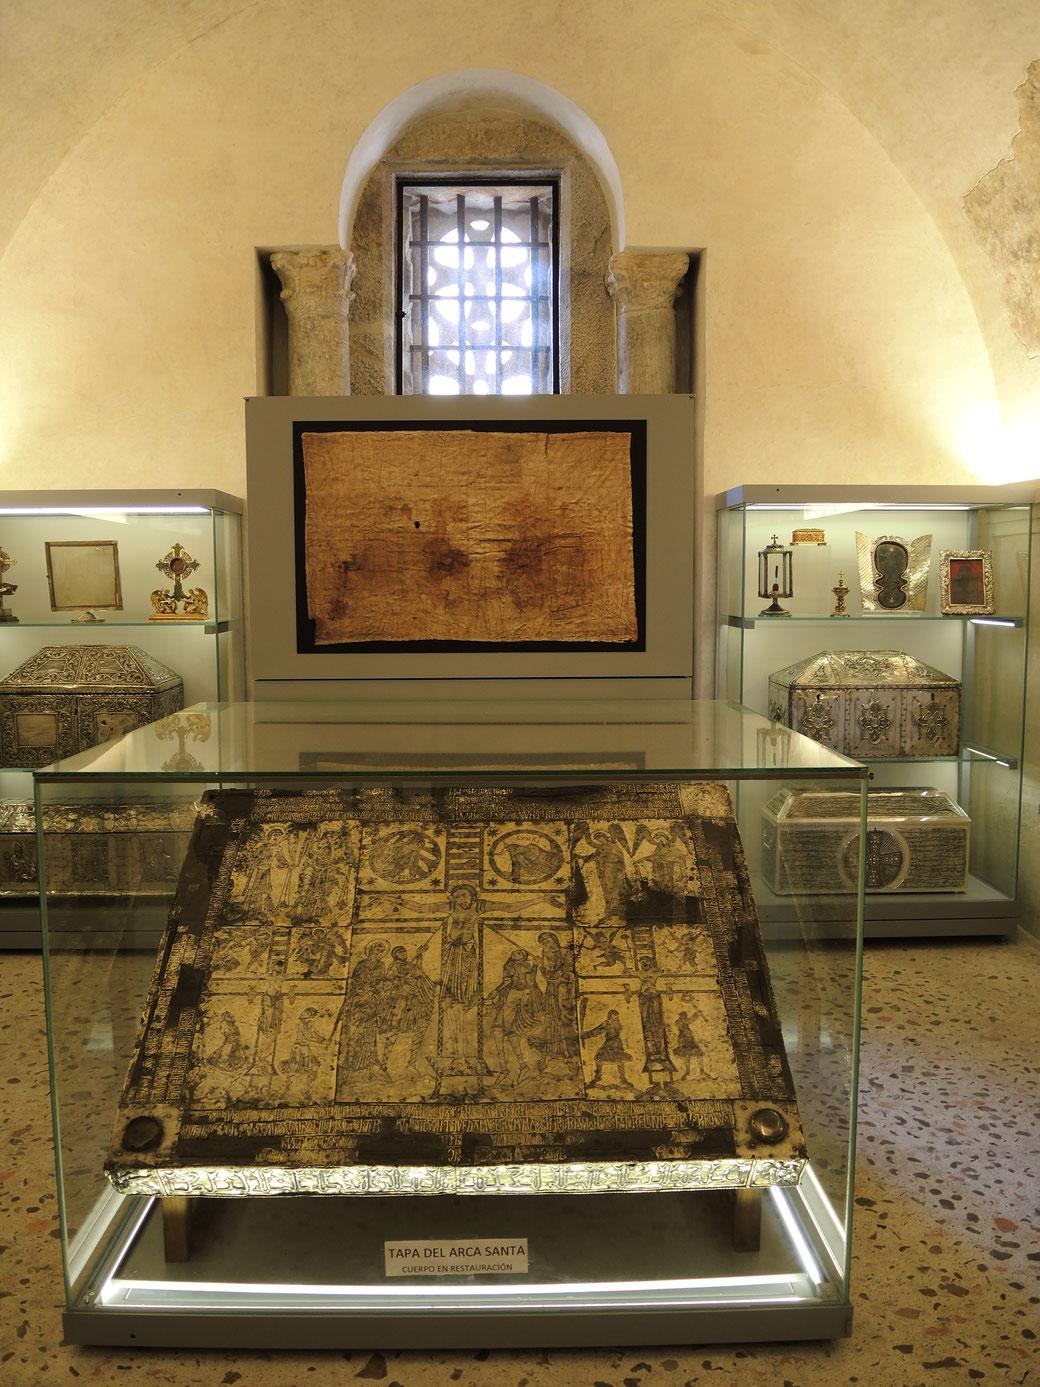 Camara Santa wurde im Jahre 738 vom asurianischen König Alfons der II errichtet. Hier wird aufbewart ua. Santo Sudario und Engelskreuz aus dem Jahr 808.